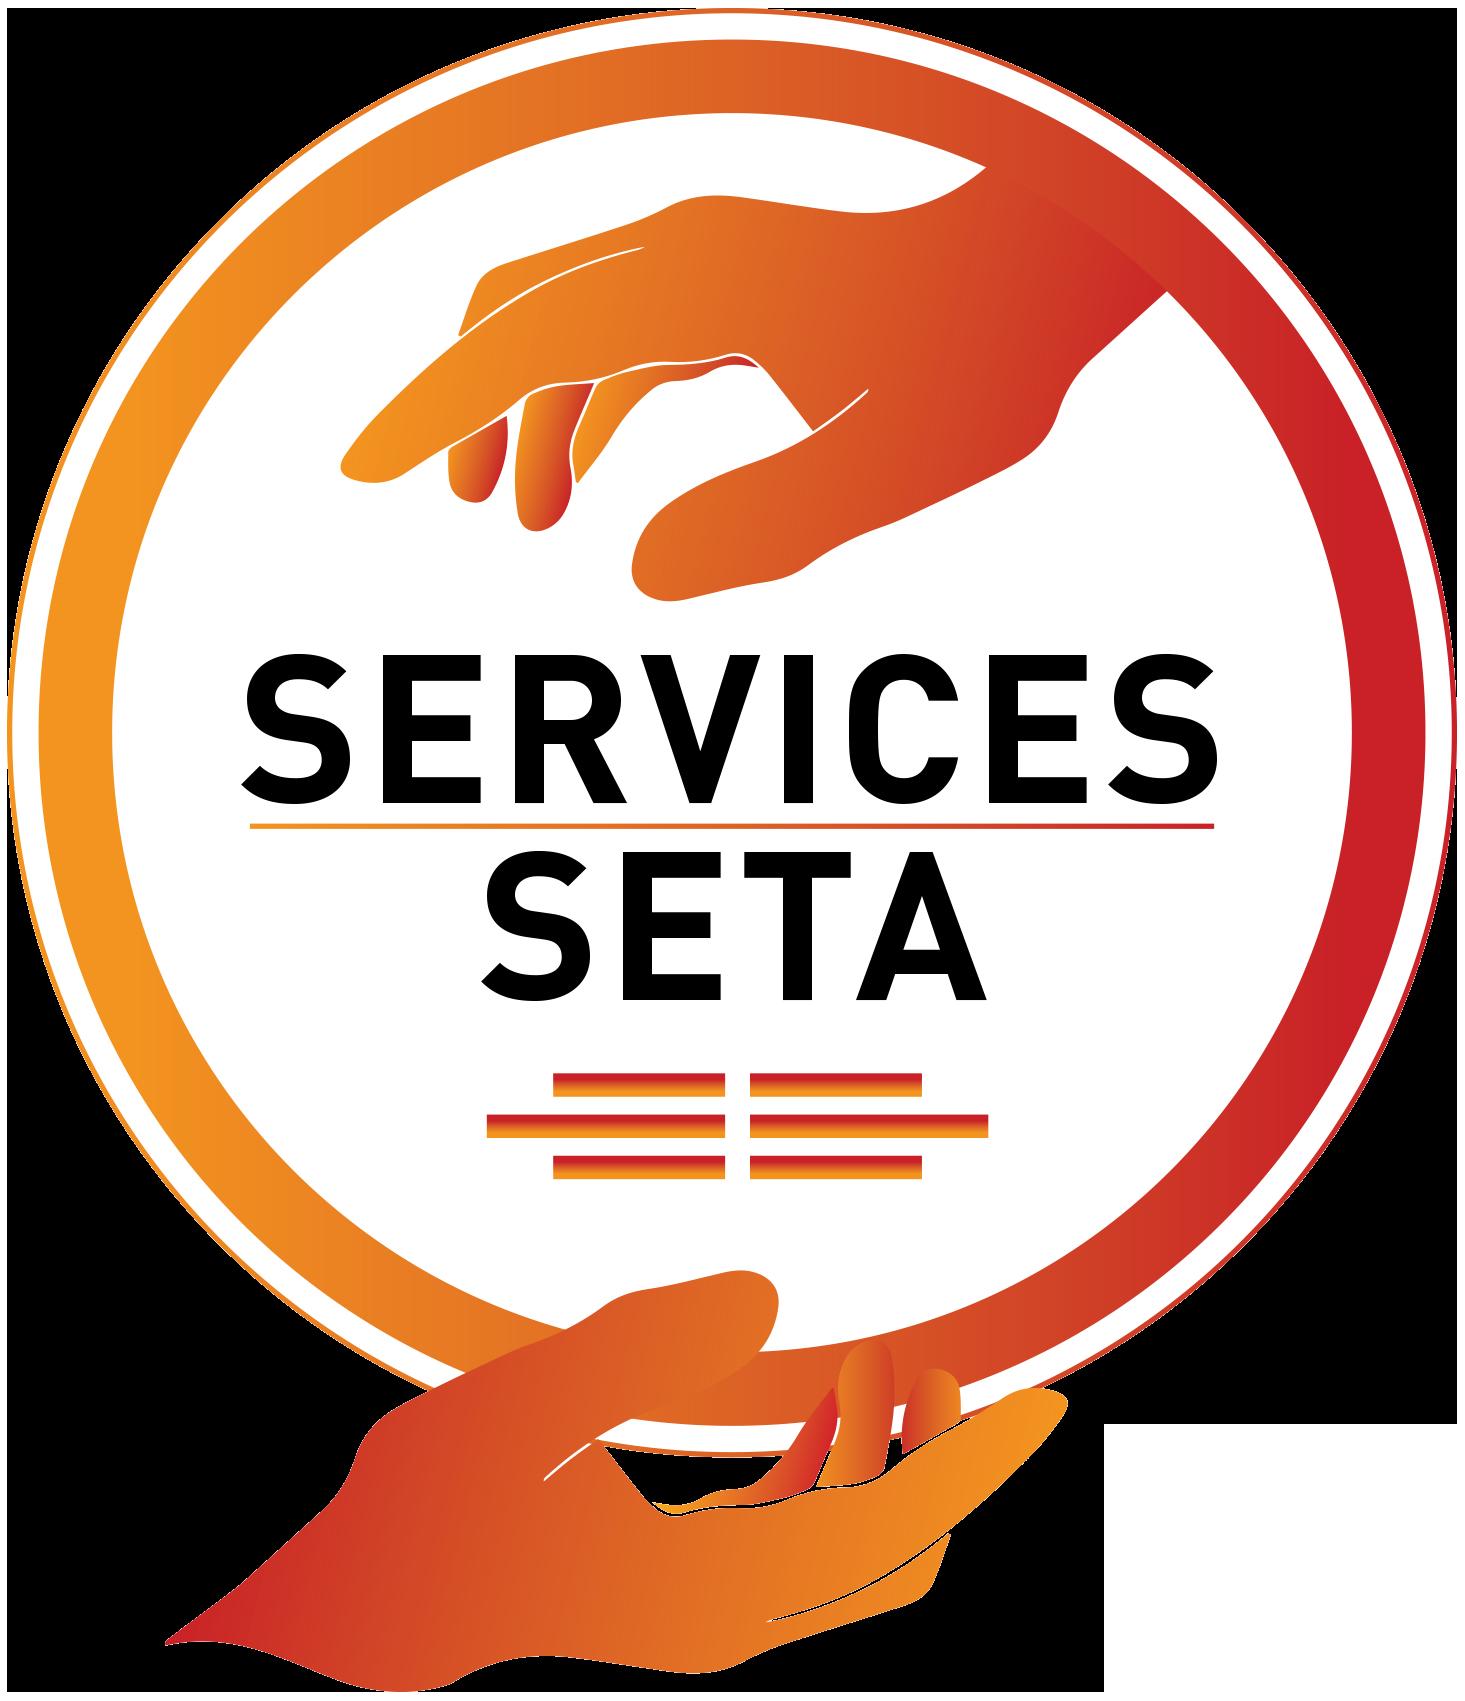 SERVICES SETA LOGO11111.png